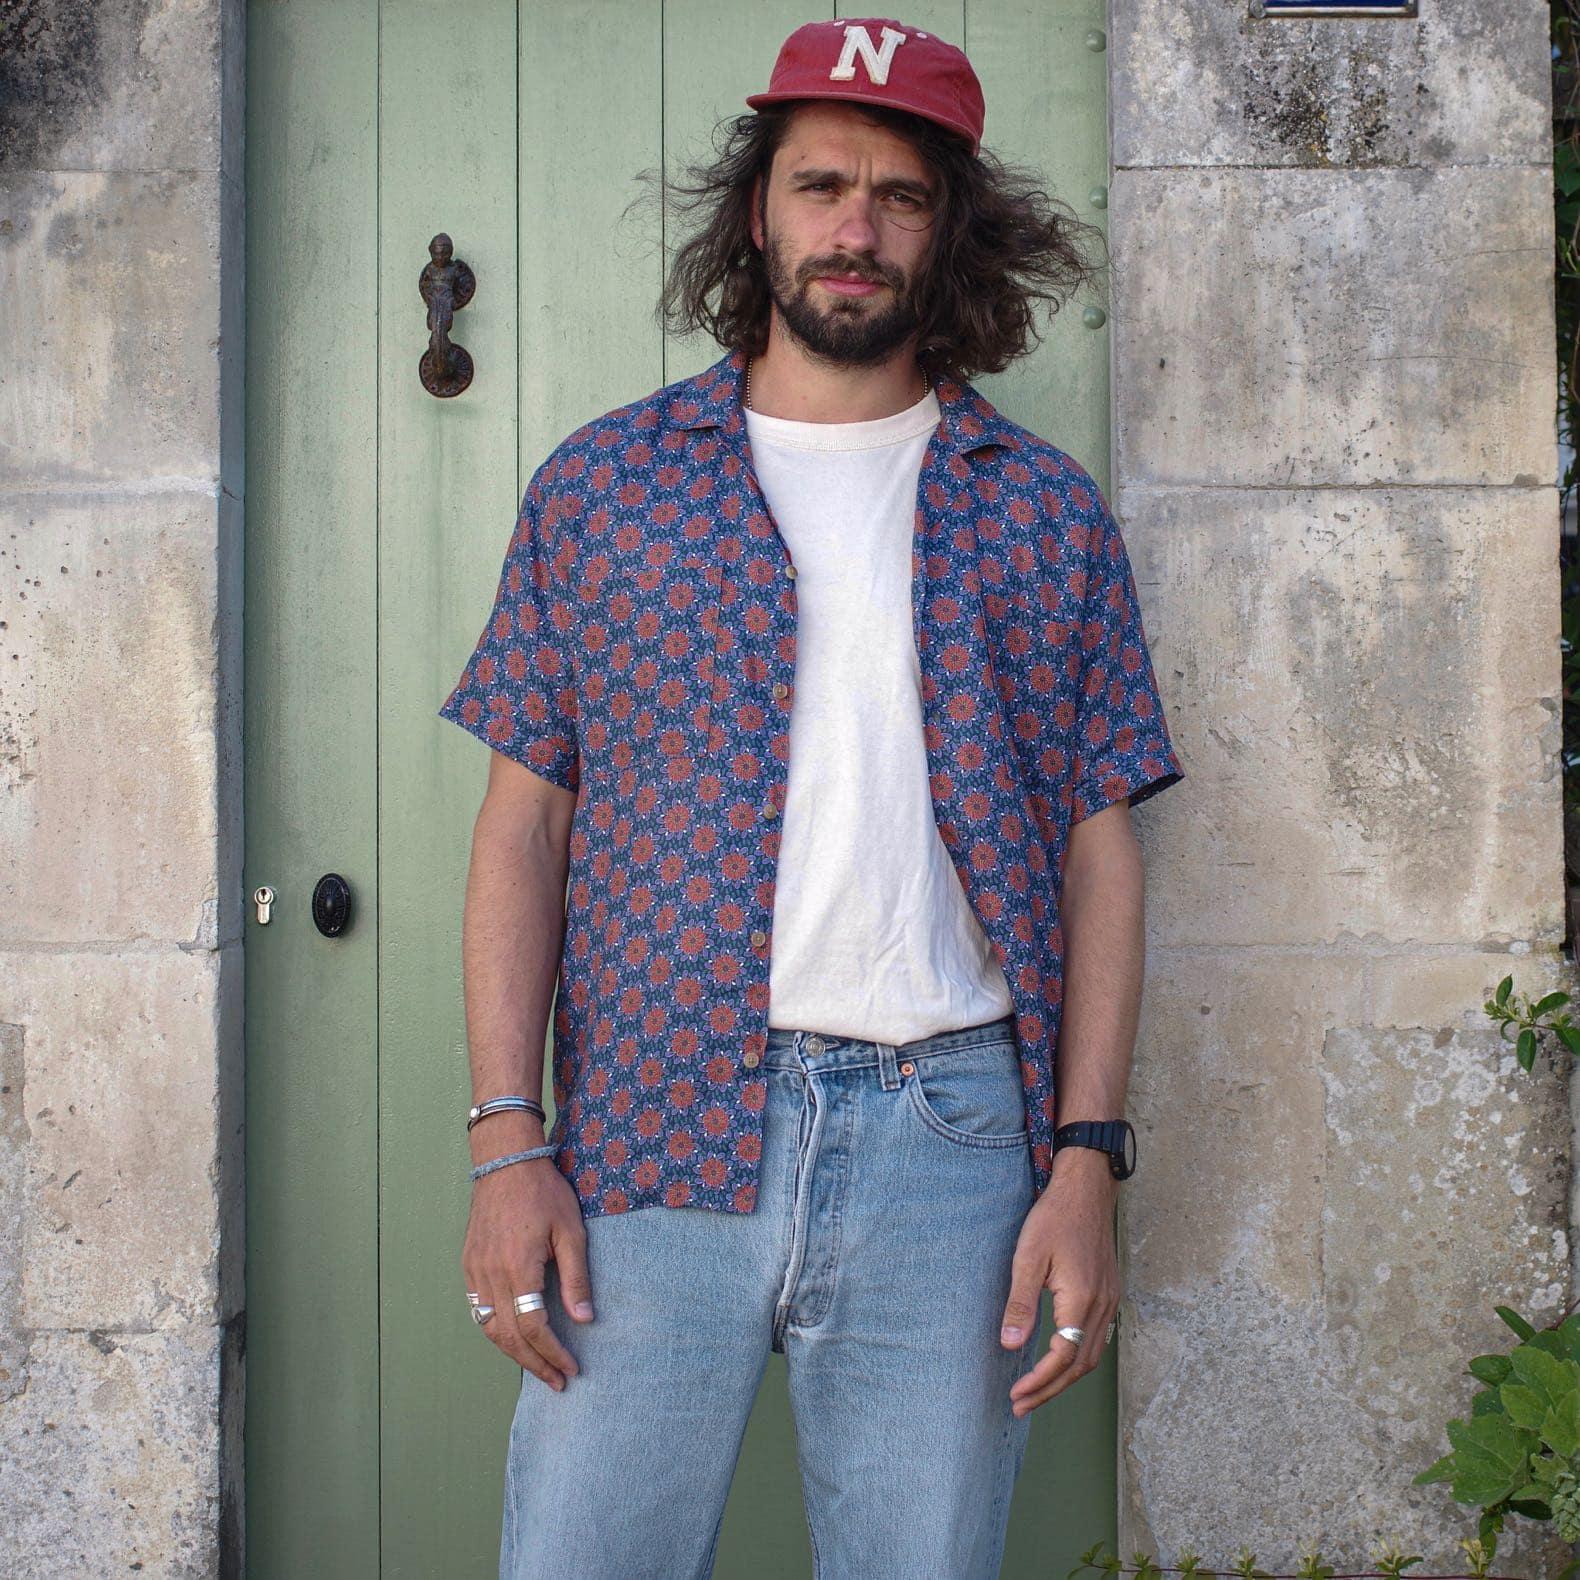 chemise manches courte en lin rose avec un imprimé zèbre de la marque histon projects motif flower power